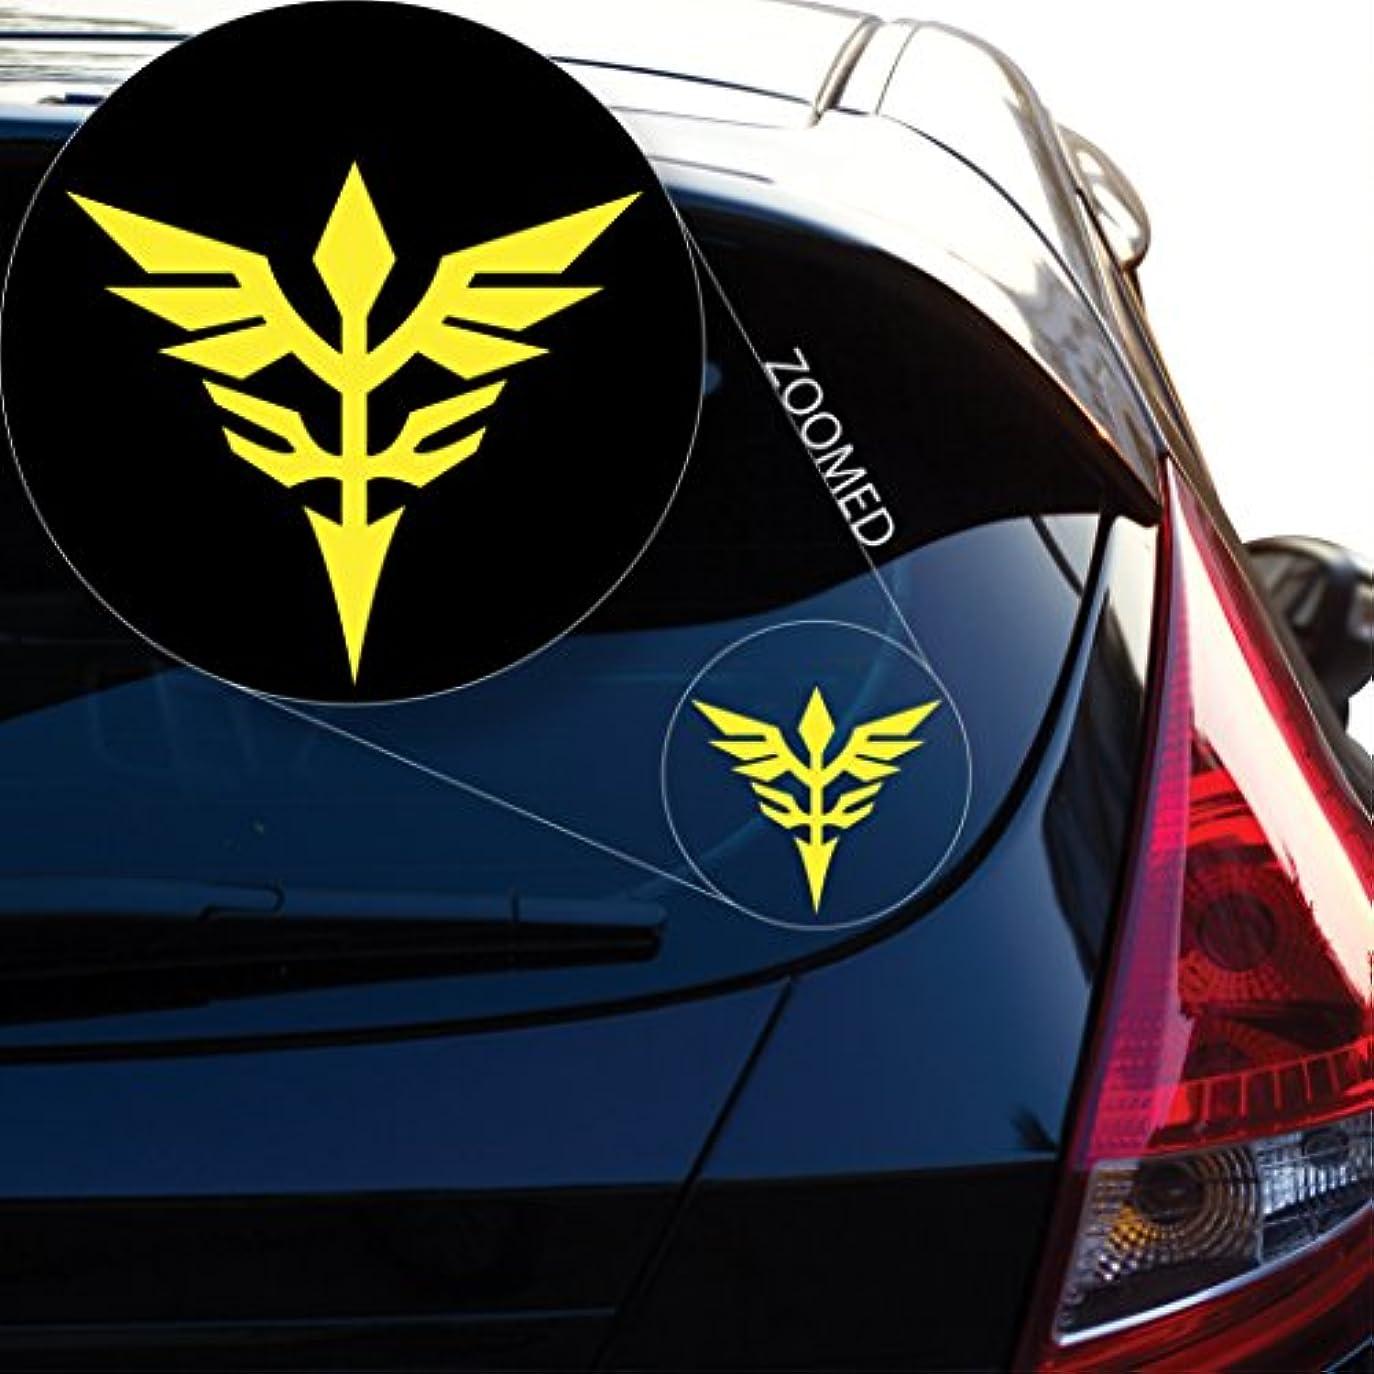 敗北喉頭団結するNeo Zeon Gundamデカールステッカー車ウィンドウ、Laptop and More。# 814 4